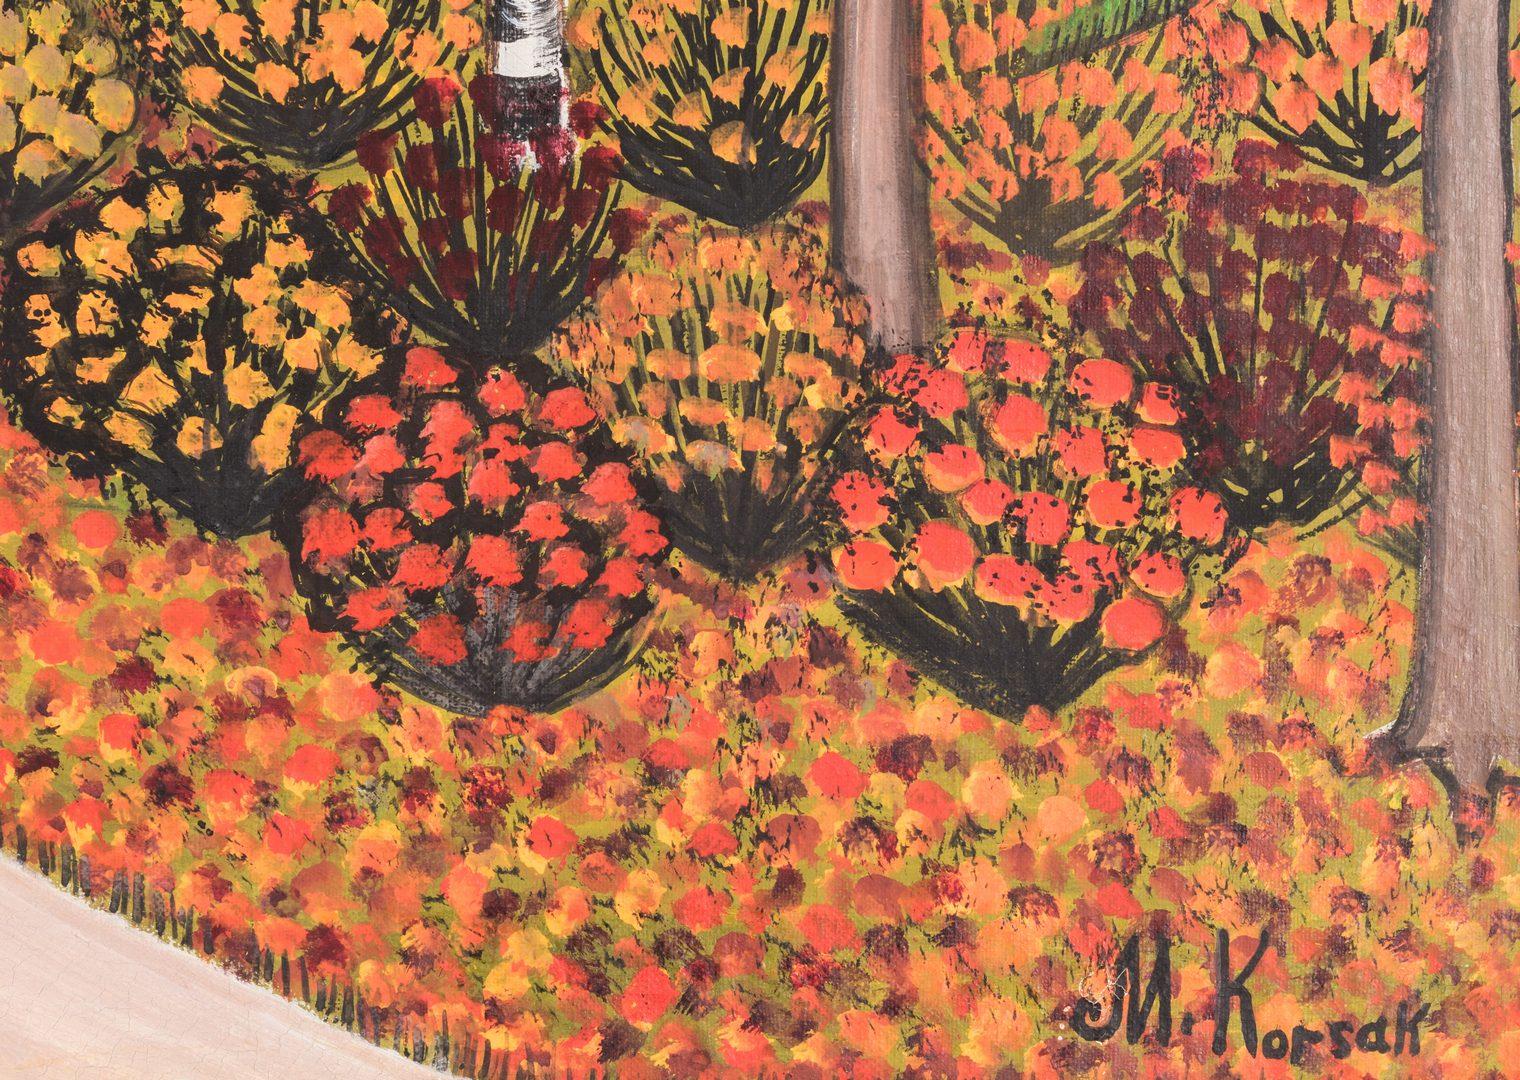 Lot 152: M. Korsak Painting – Autumn Landscape